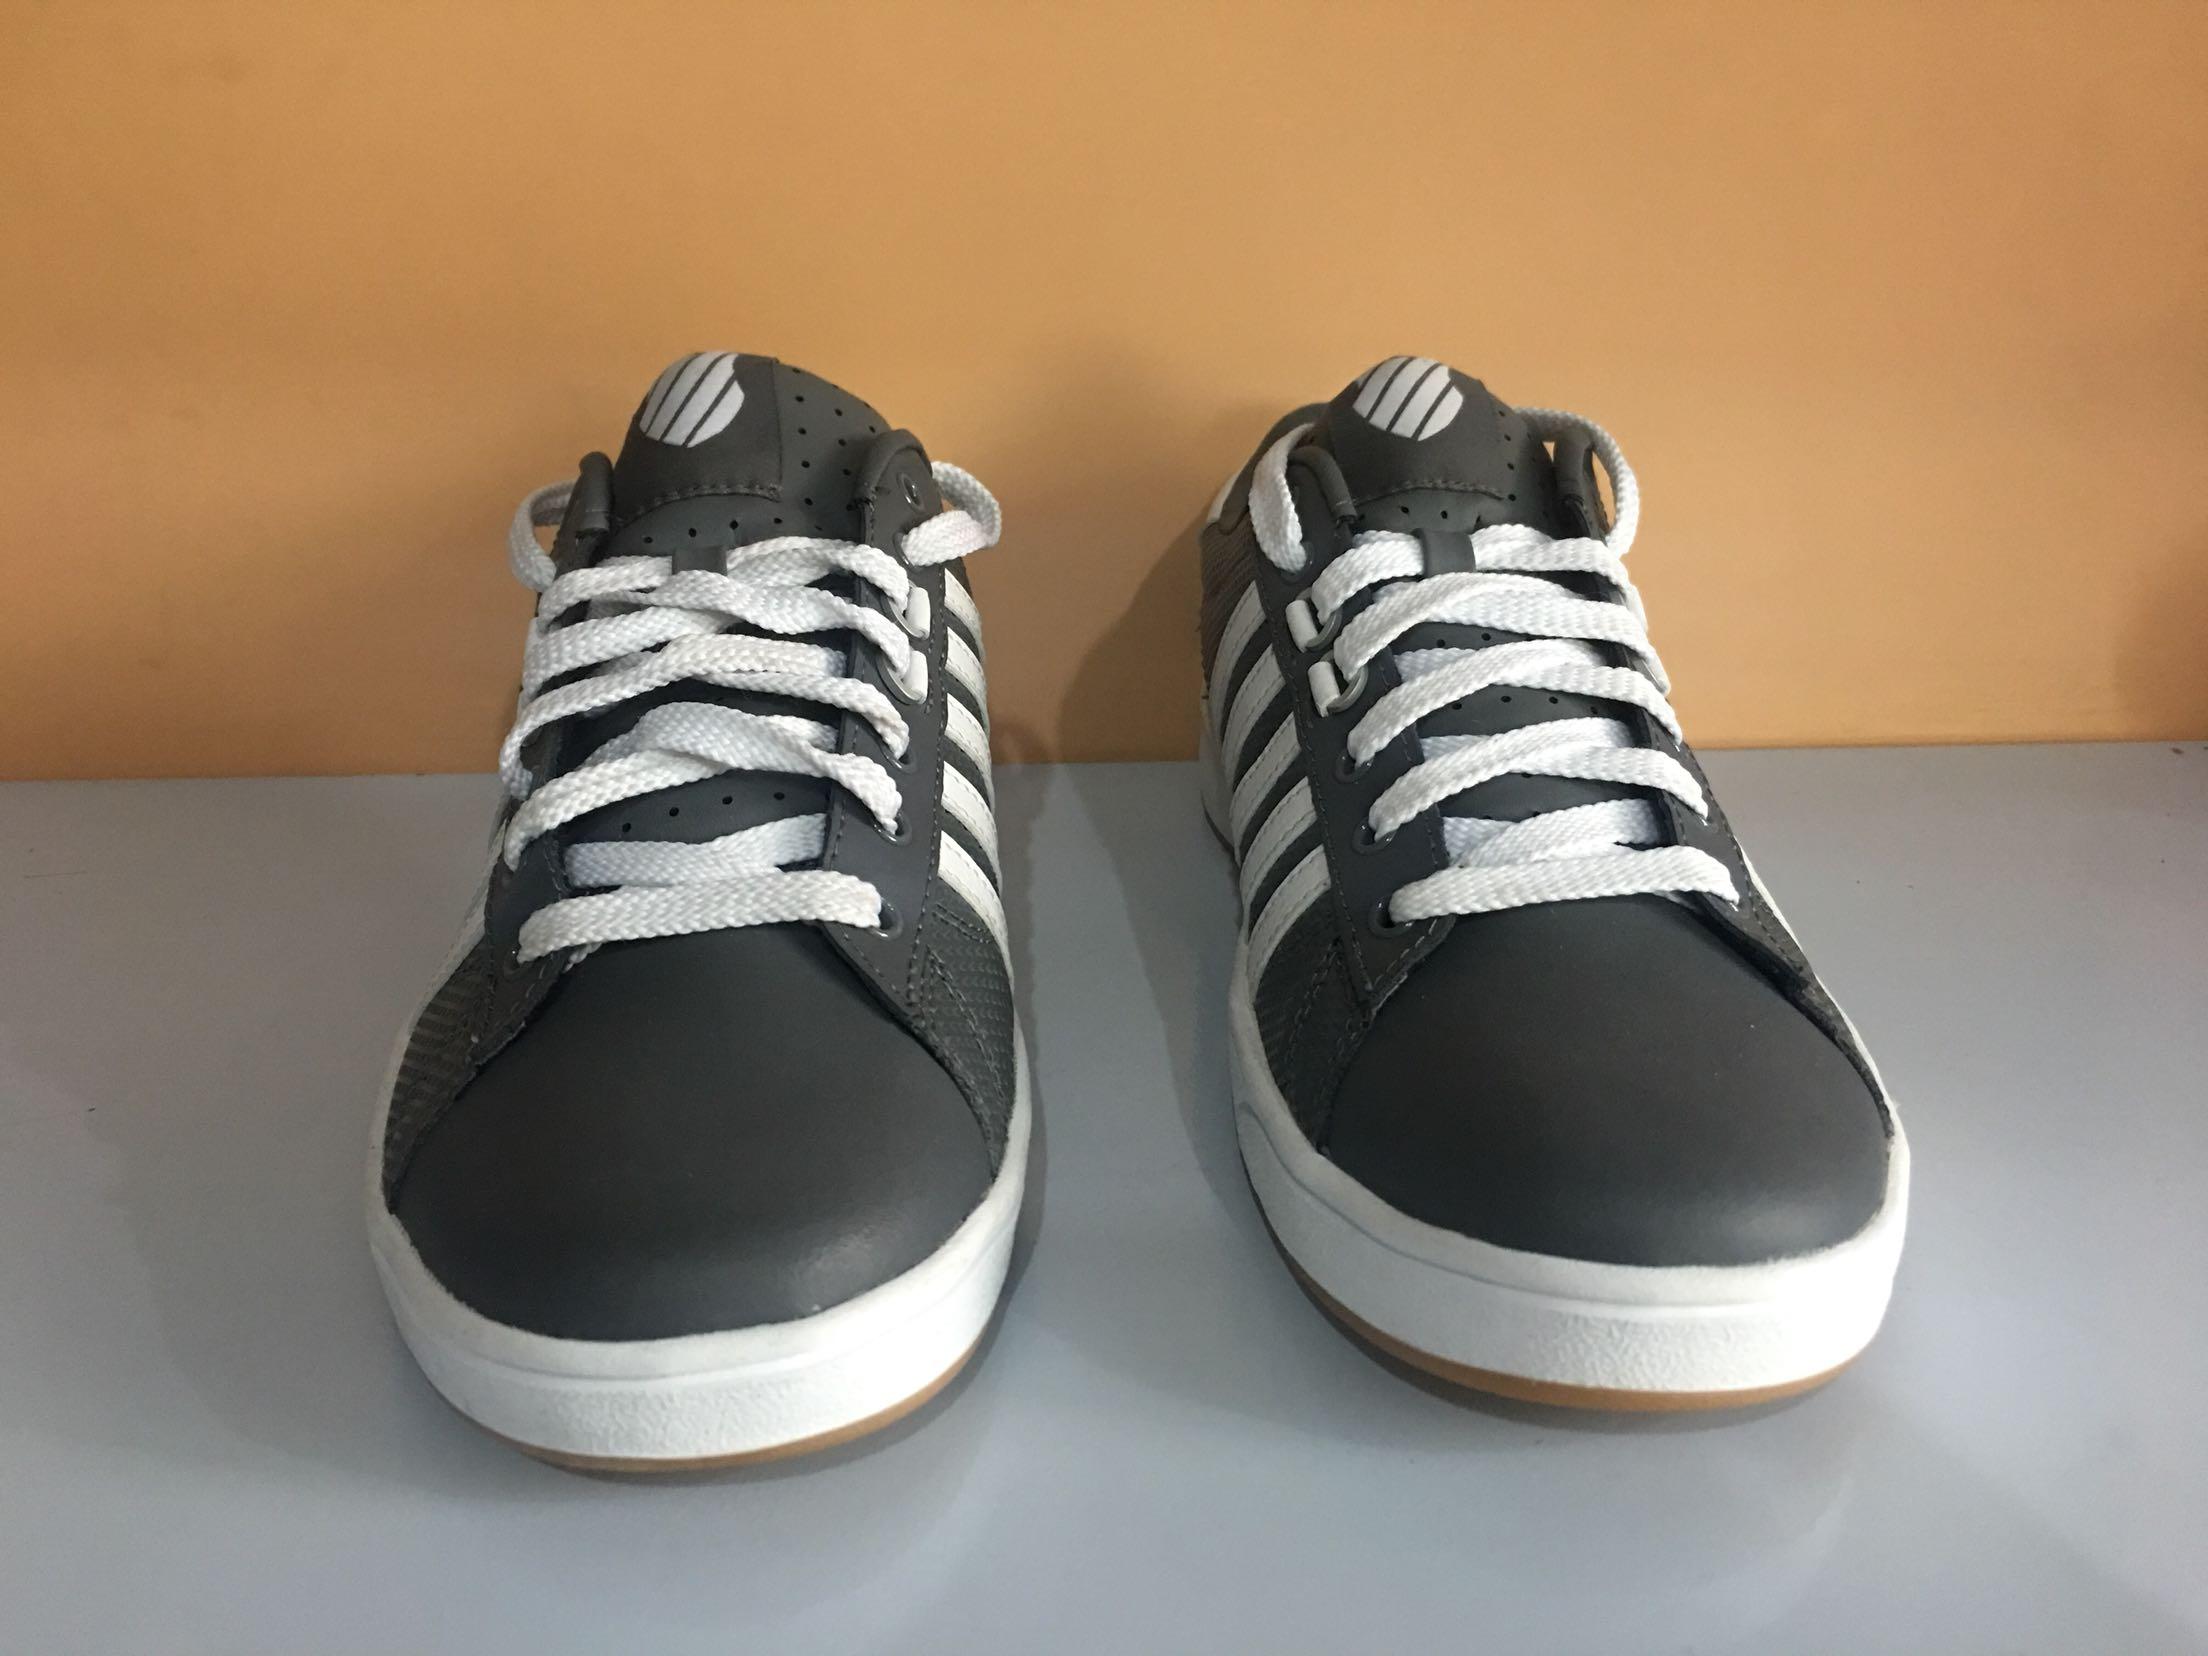 43 牛皮牛筋底板鞋旅游鞋 威时尚百搭耐磨休闲鞋 s 出口美国海外版盖